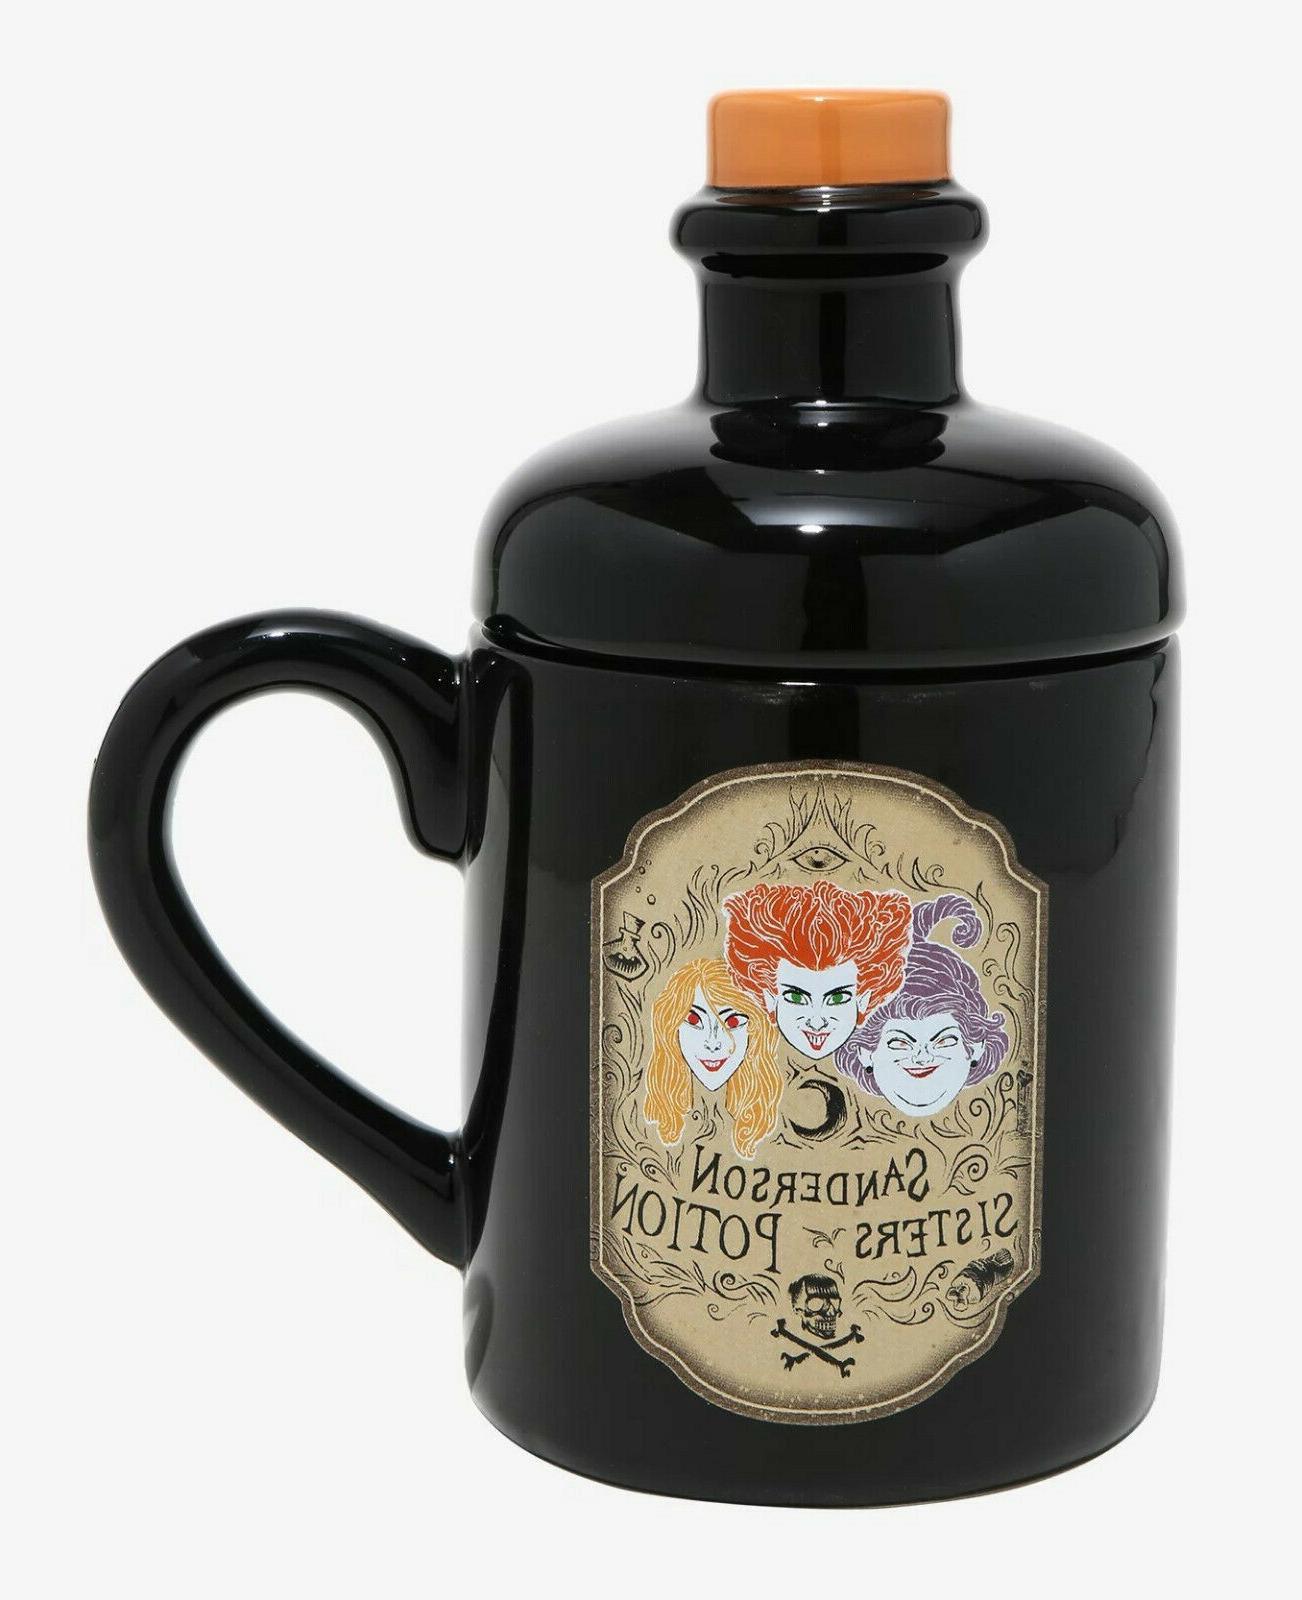 hocus pocus sanderson sisters potion ceramic 3d